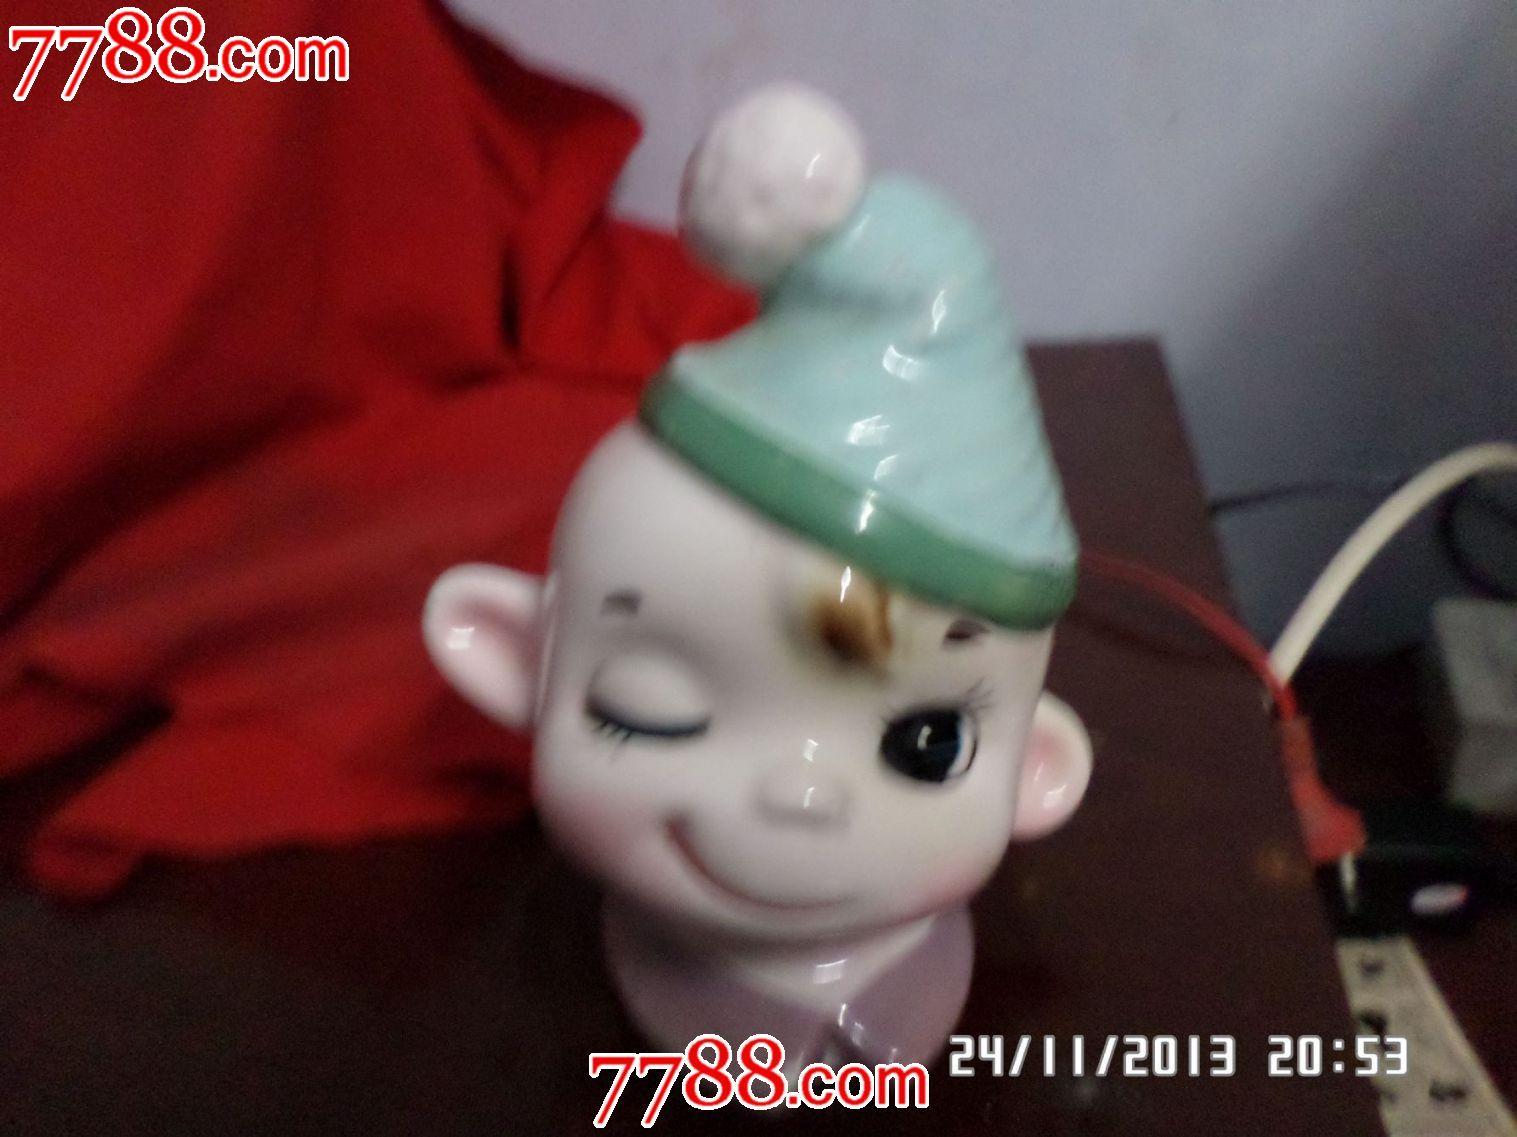 戴帽小男孩_价格35元【魏都小店】_第1张_中国收藏热线